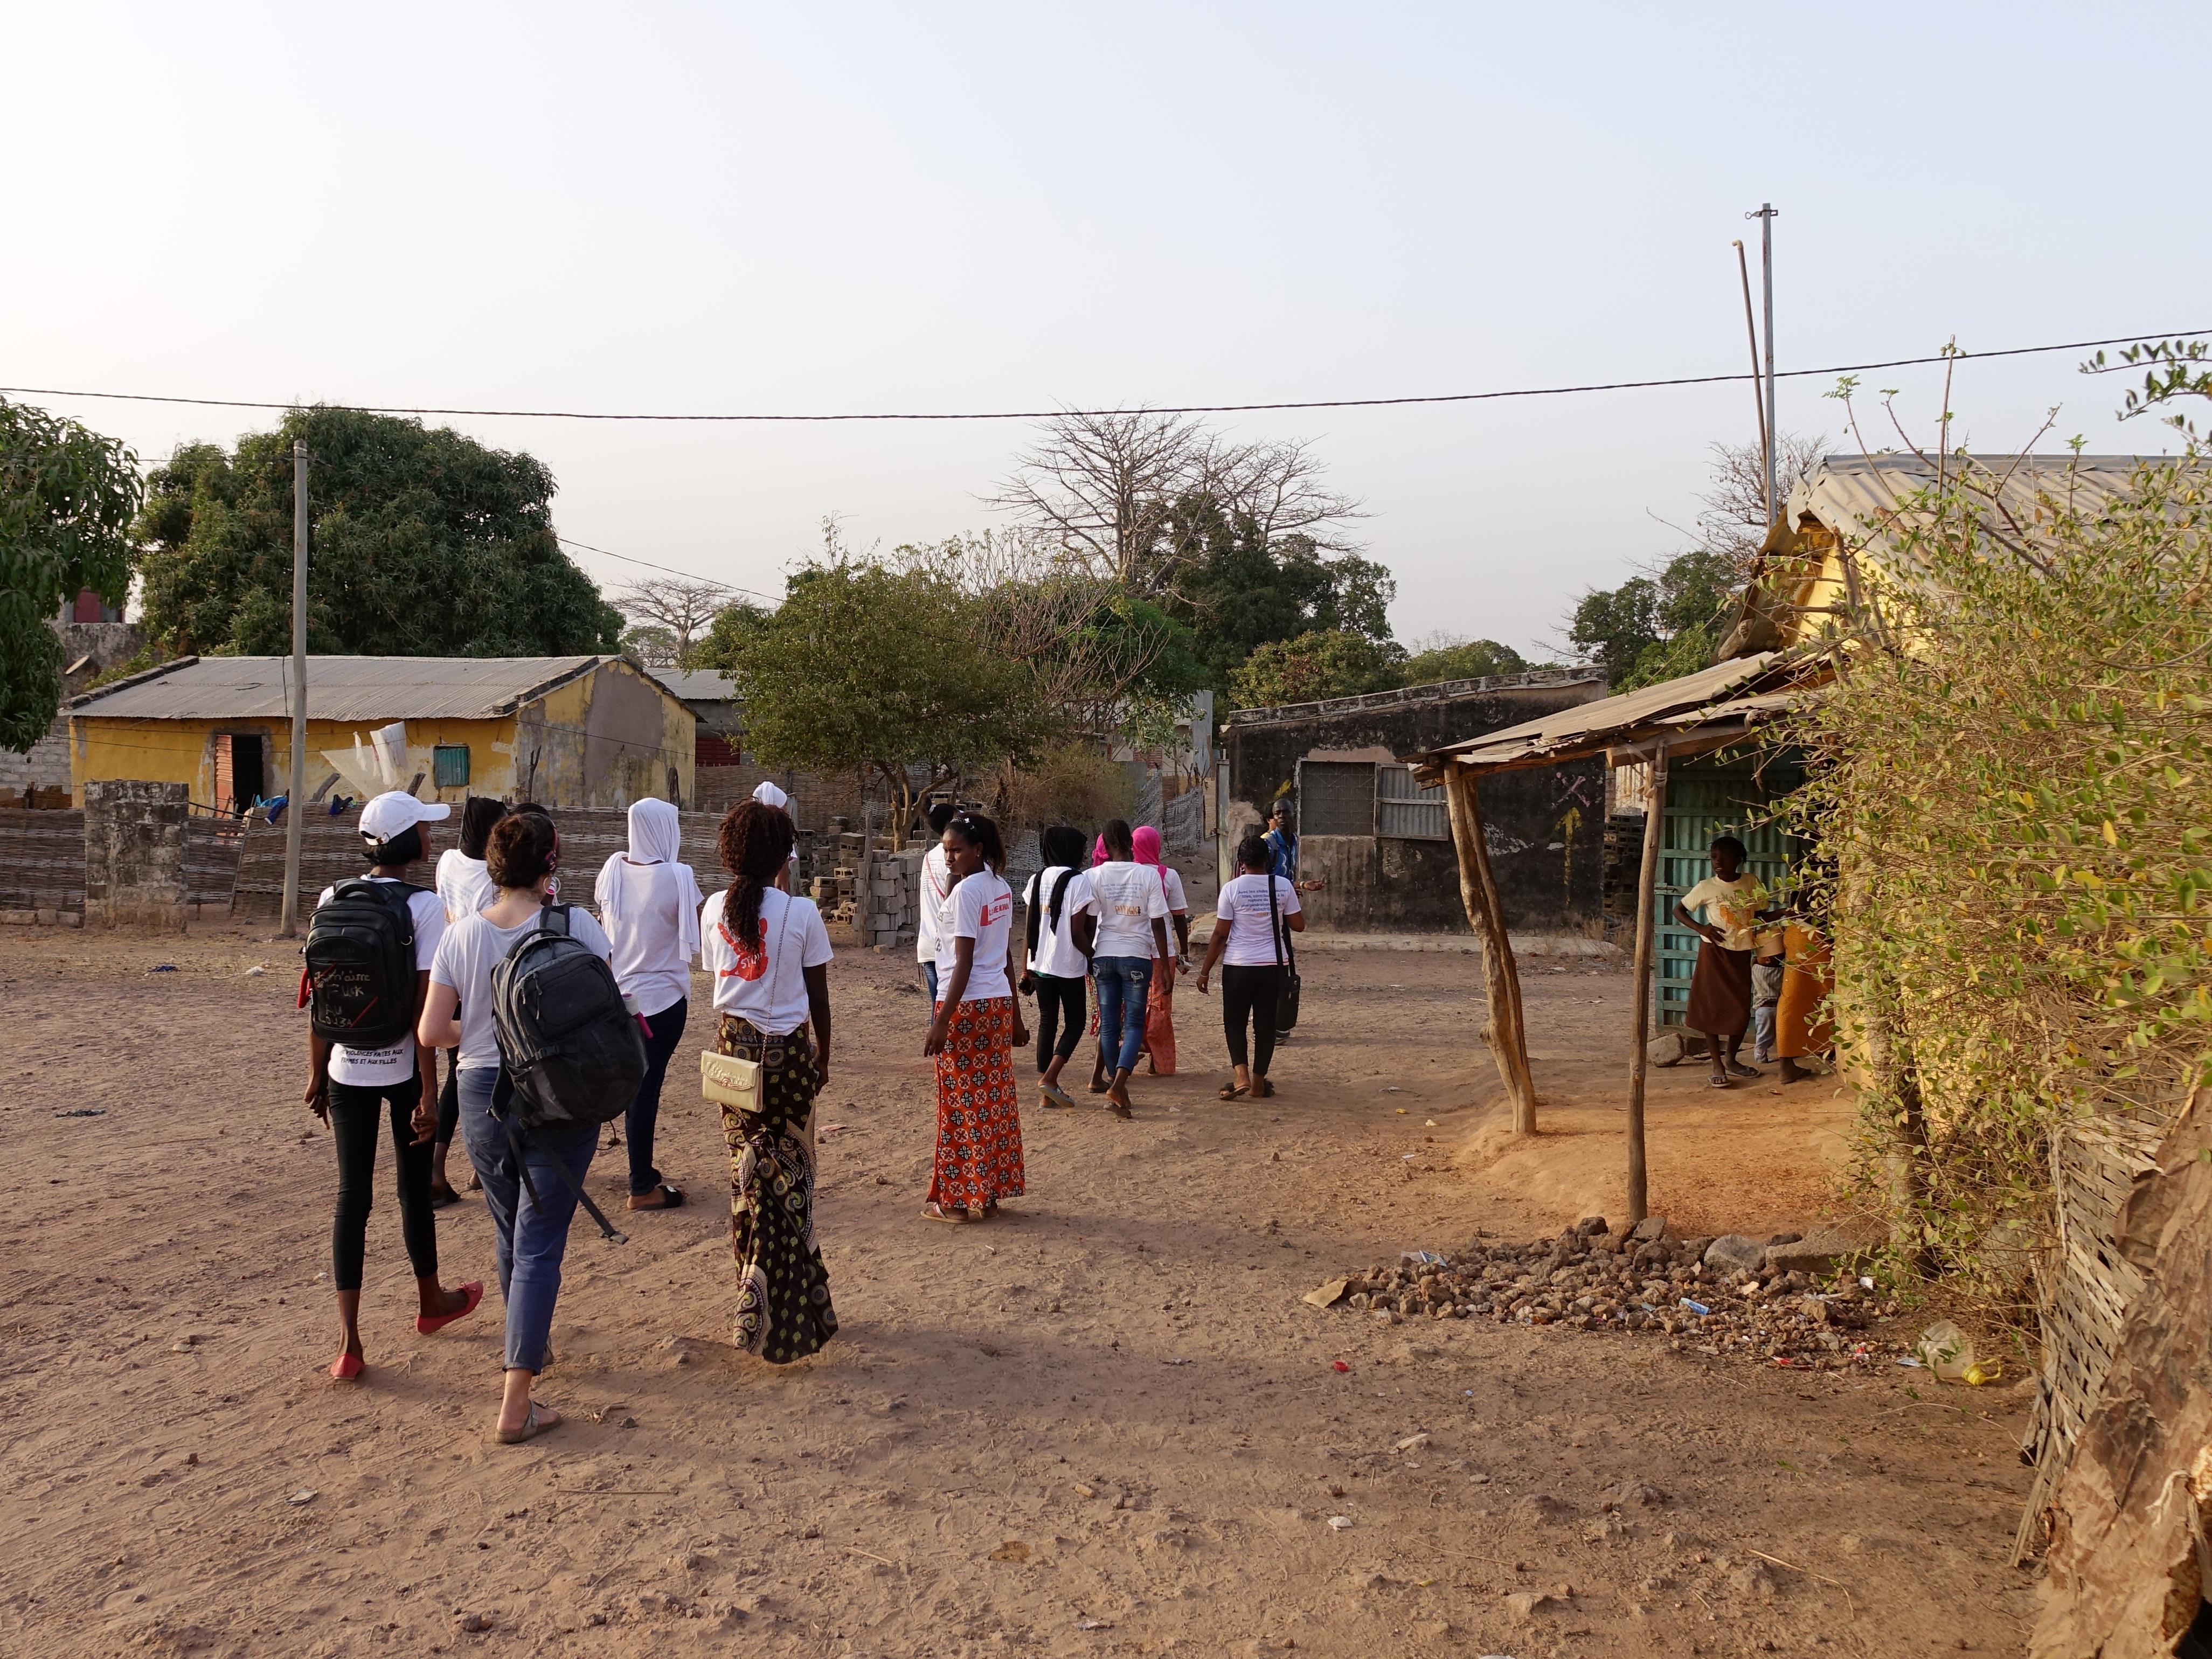 Plusieurs jeunes filles marchent sur une route de terre battue bordée de bicoques.